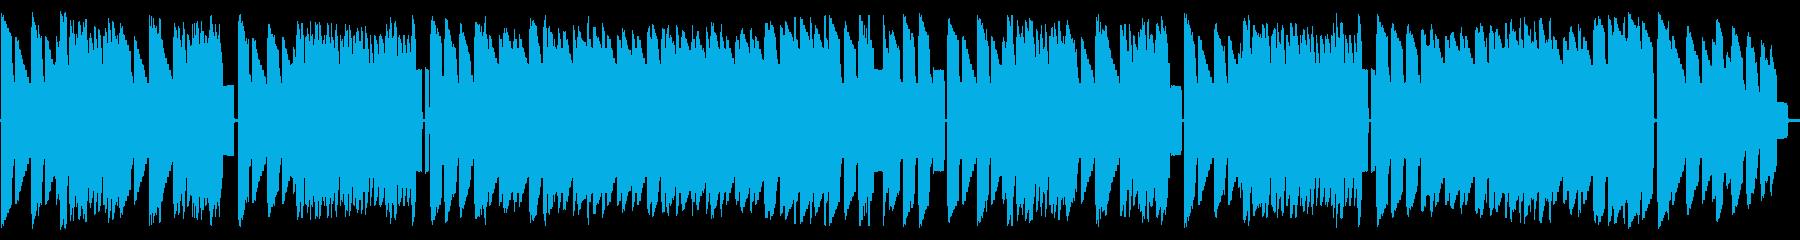 初期ファミコン風ジャジーなループBGMの再生済みの波形